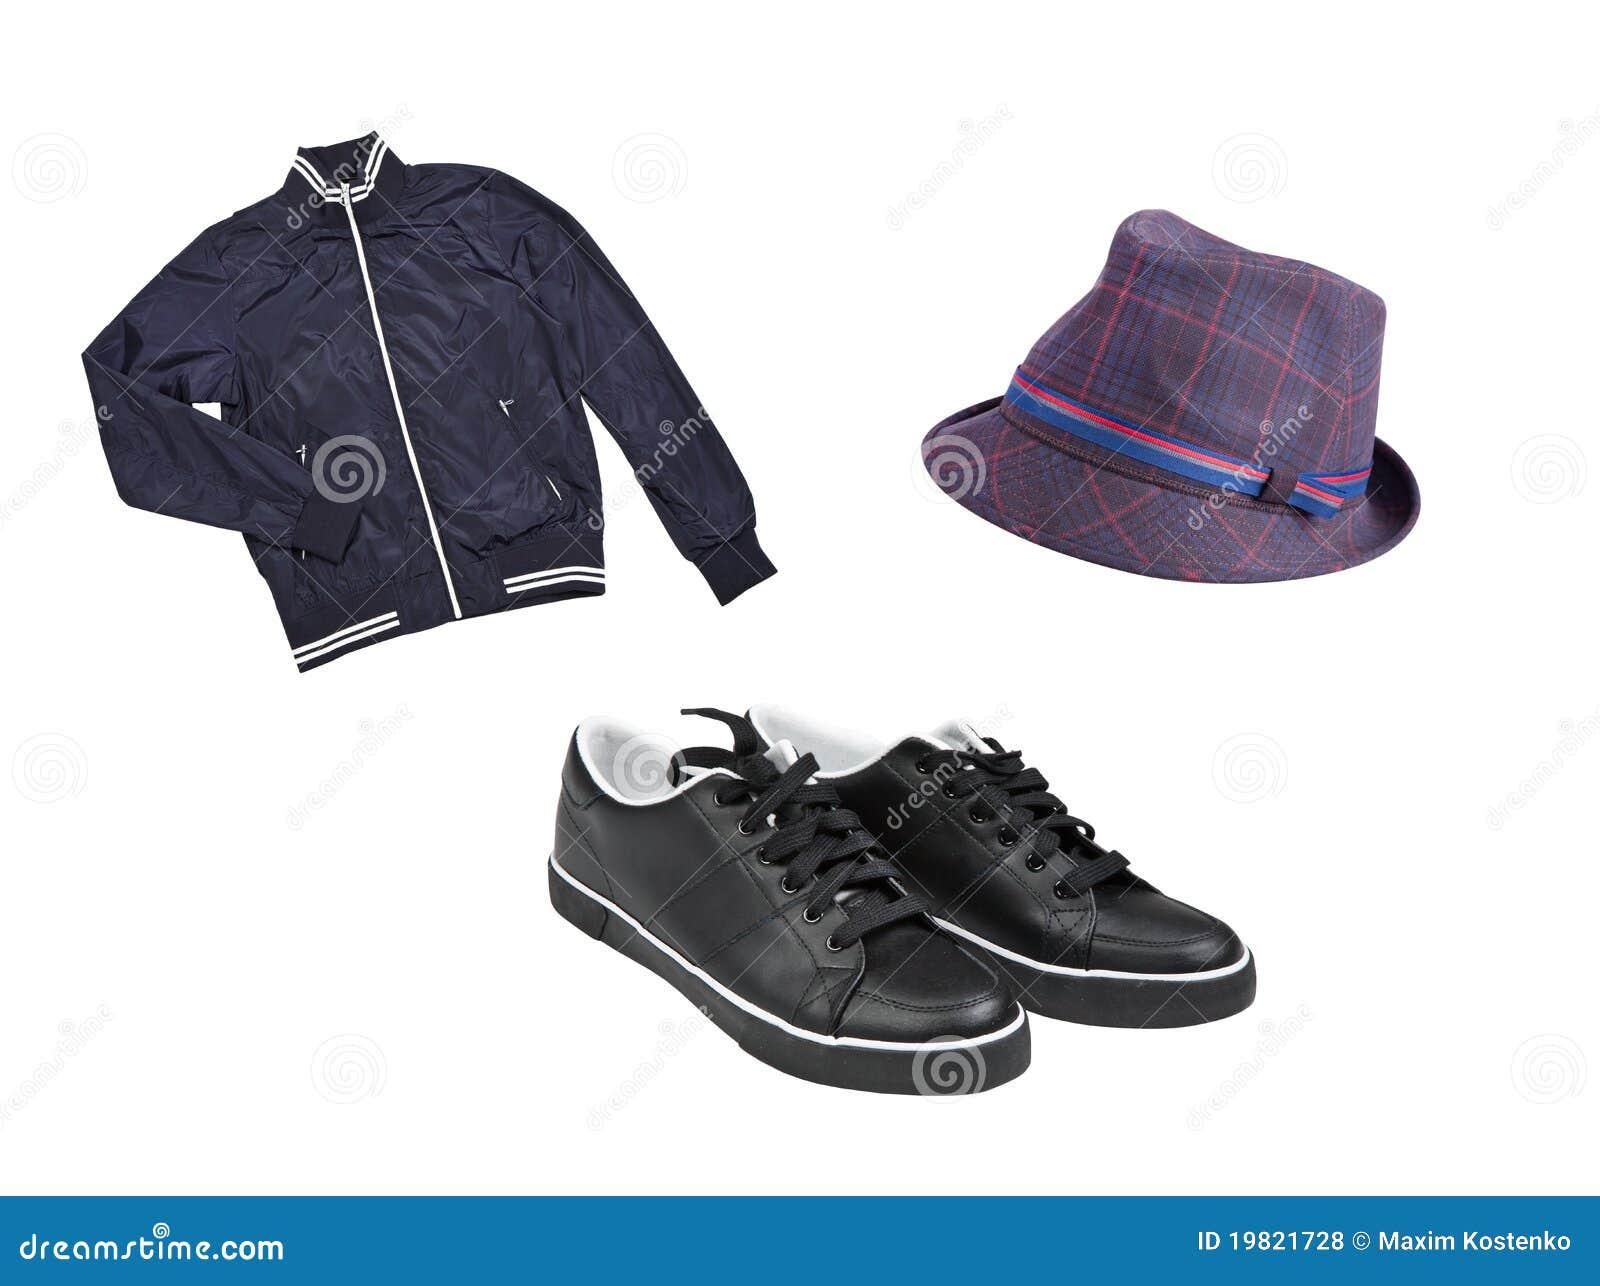 93287ca8703 Ένδυση και παπούτσια ατόμων περιστασιακή Στοκ Εικόνες - εικόνα από ...